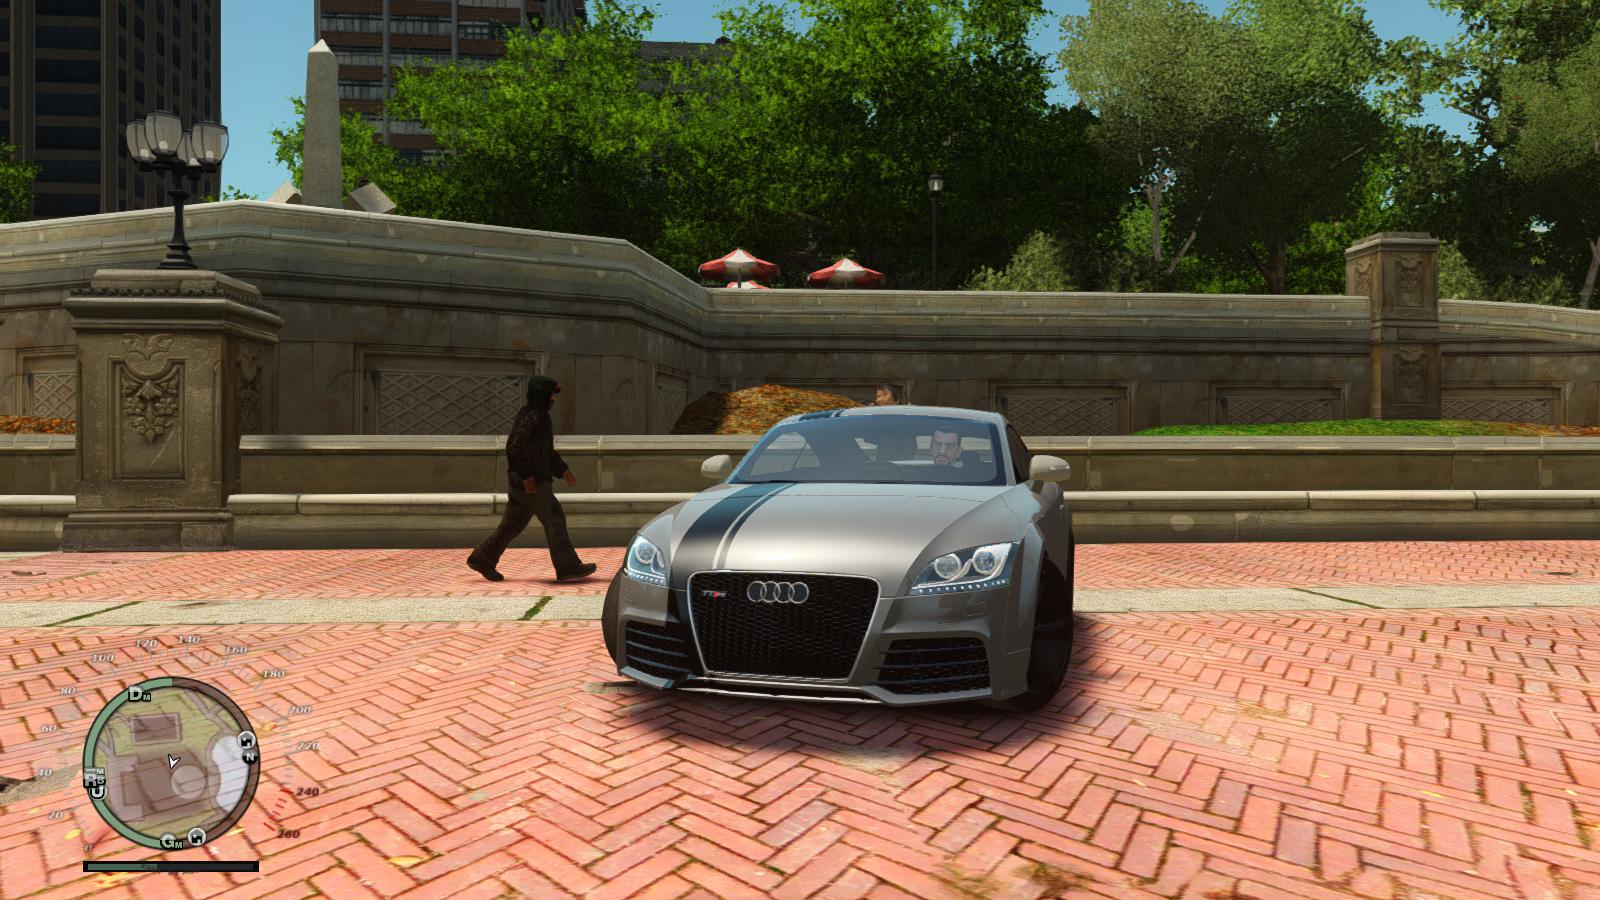 GTA Gaming Archive - Audi car jobs